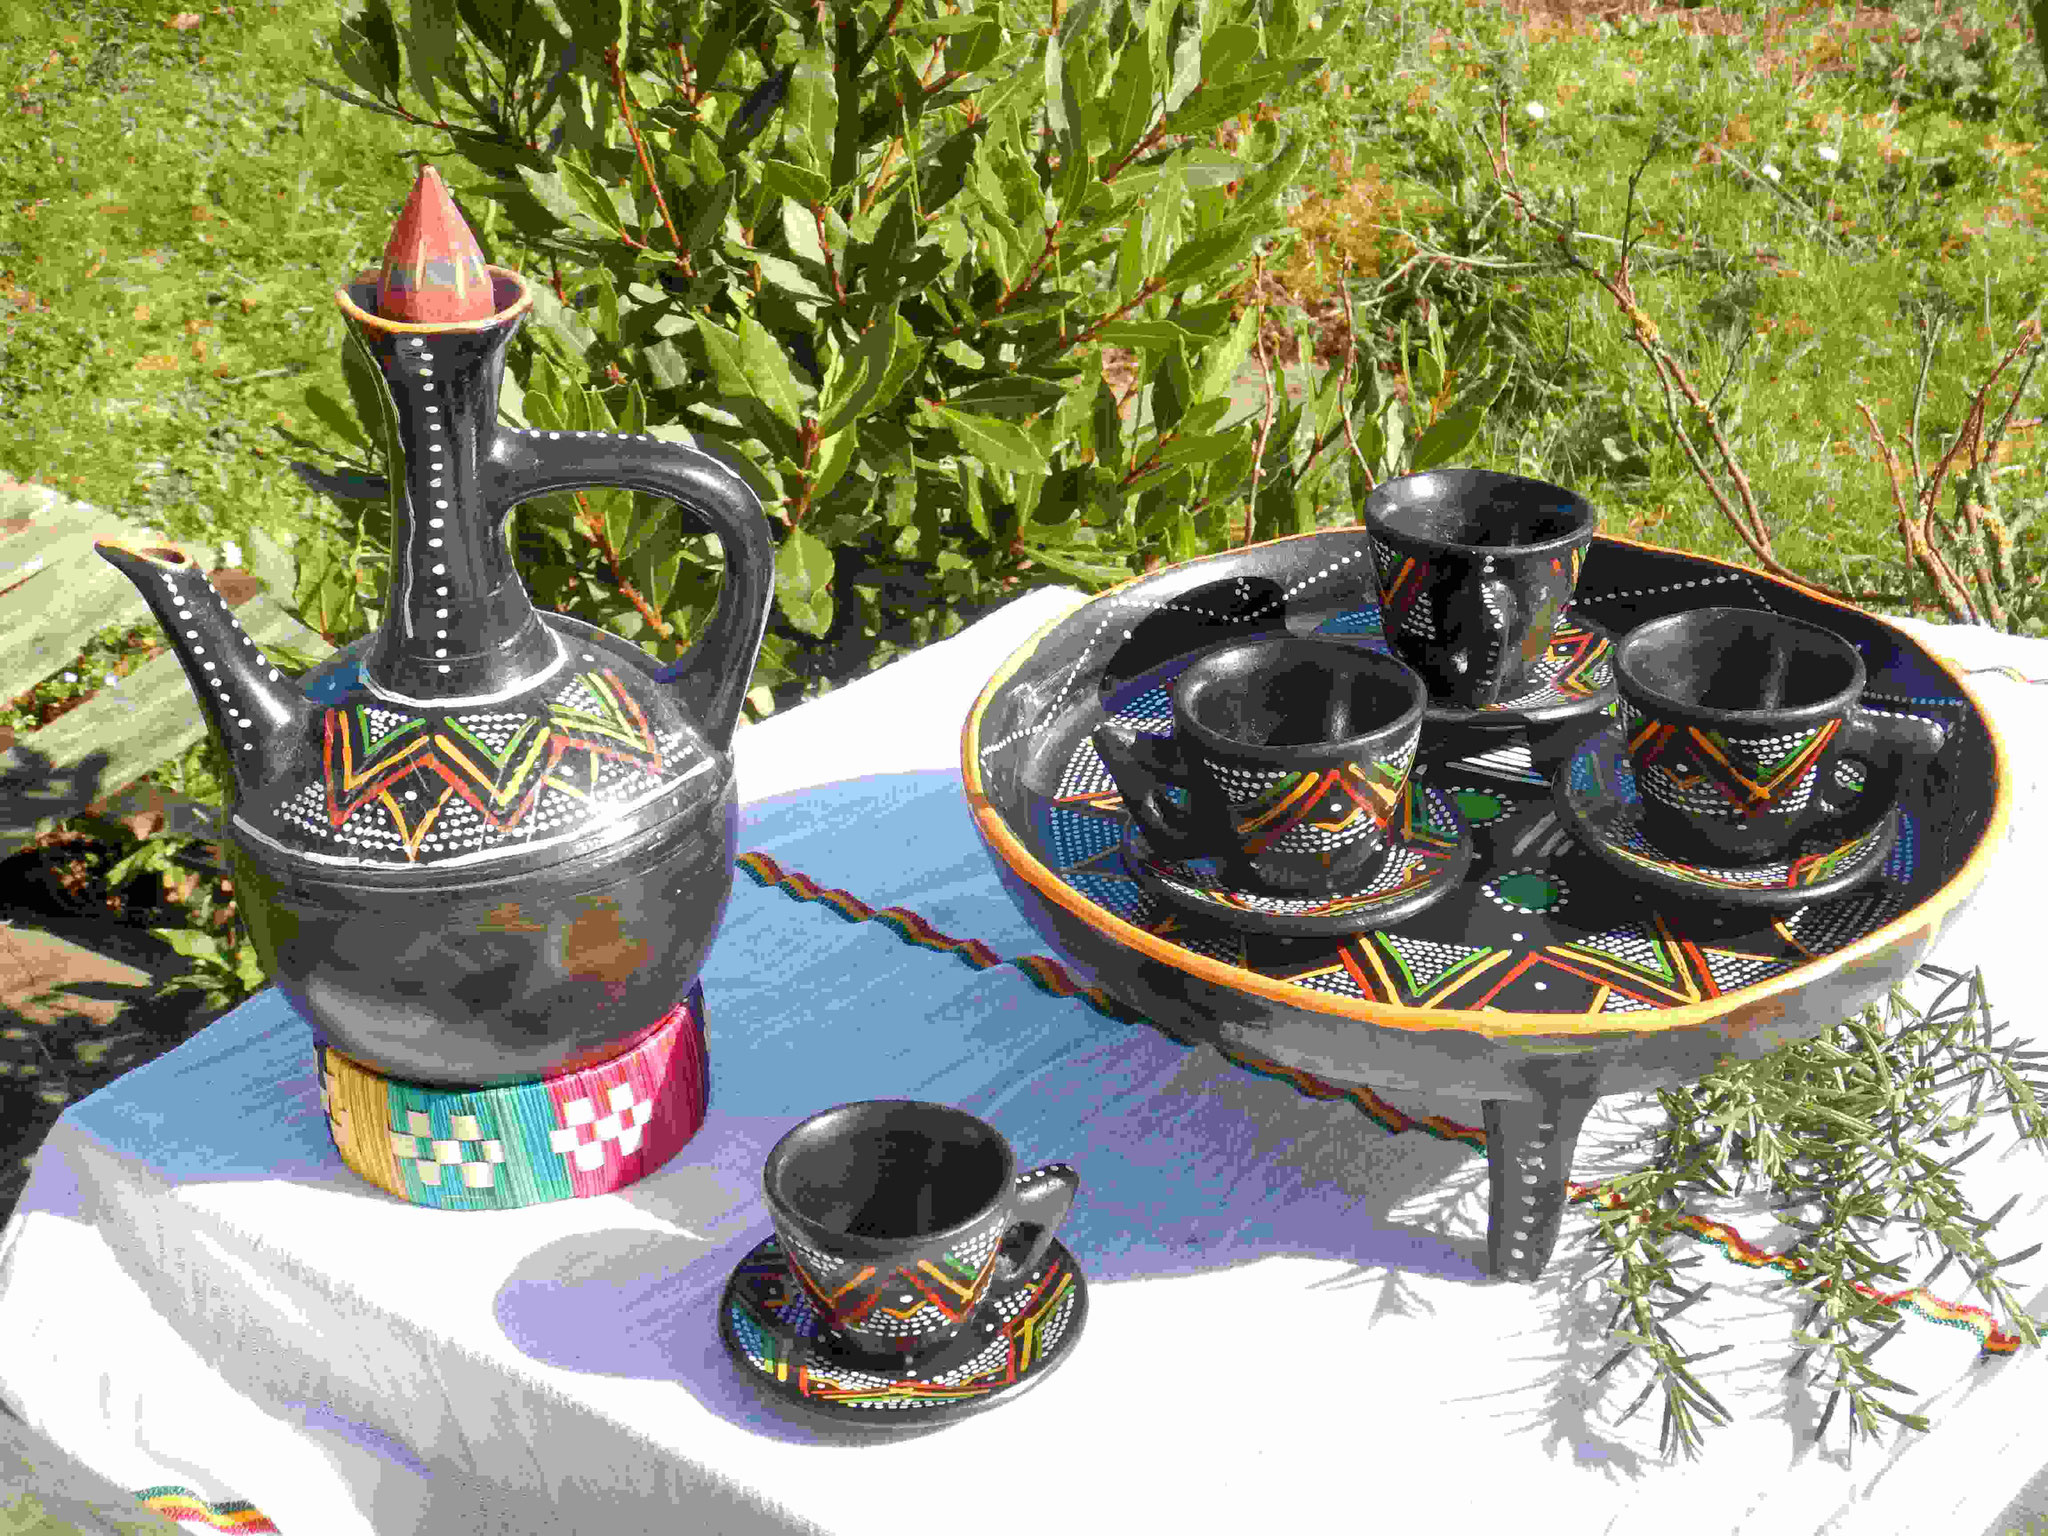 Service café Buna terre cuite fait main Ethiopie Artisanat ethiopien Epices éthiopiennes made by locals solidaire équitable artisanat textils voyage Ethiopie 1